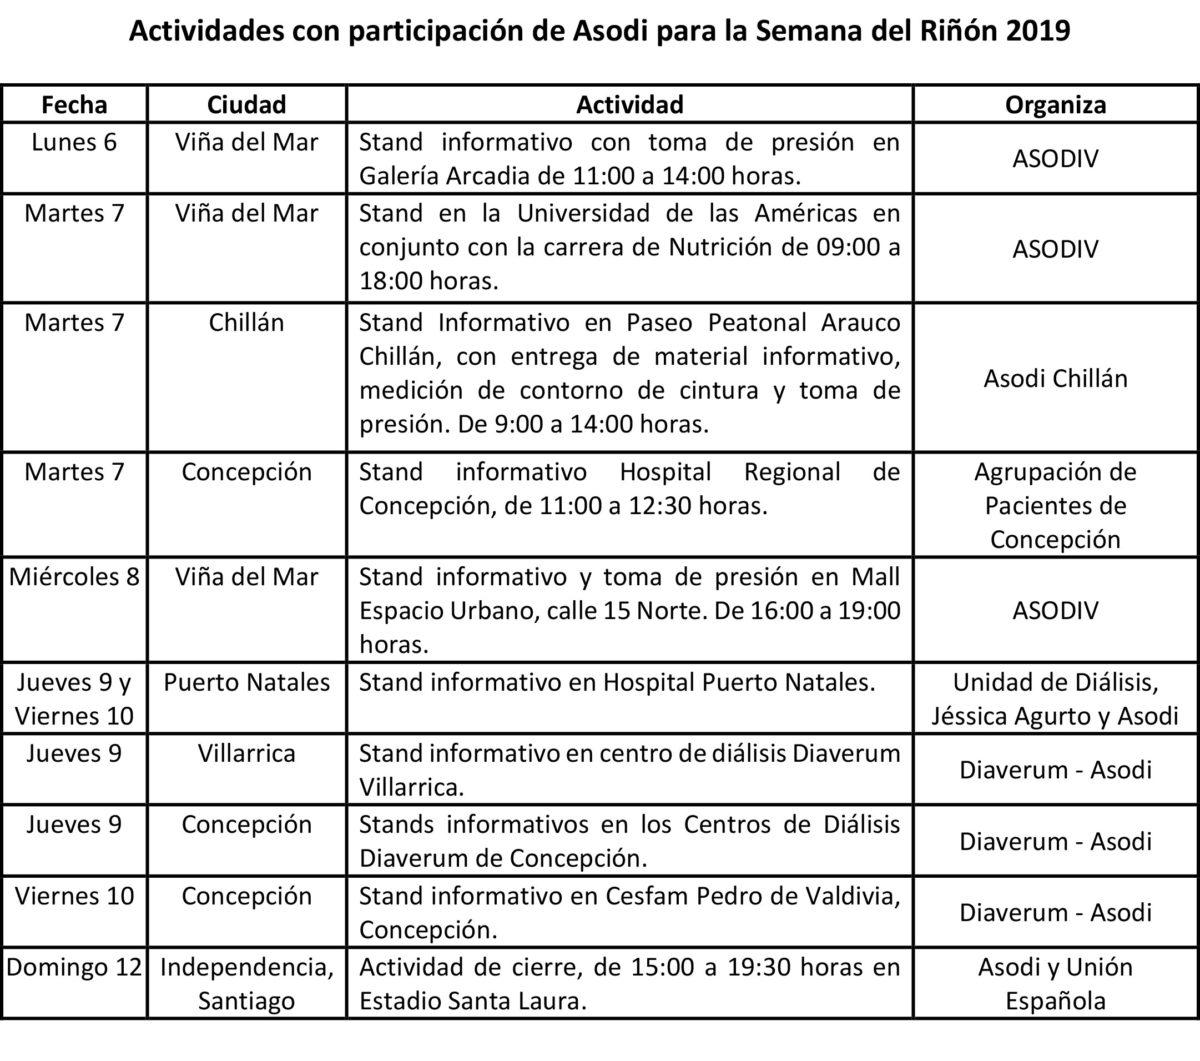 Calendario De Agosto 2019 Chile.Calendario De Actividades Semana Del Rinon Chile 2019 Asodi